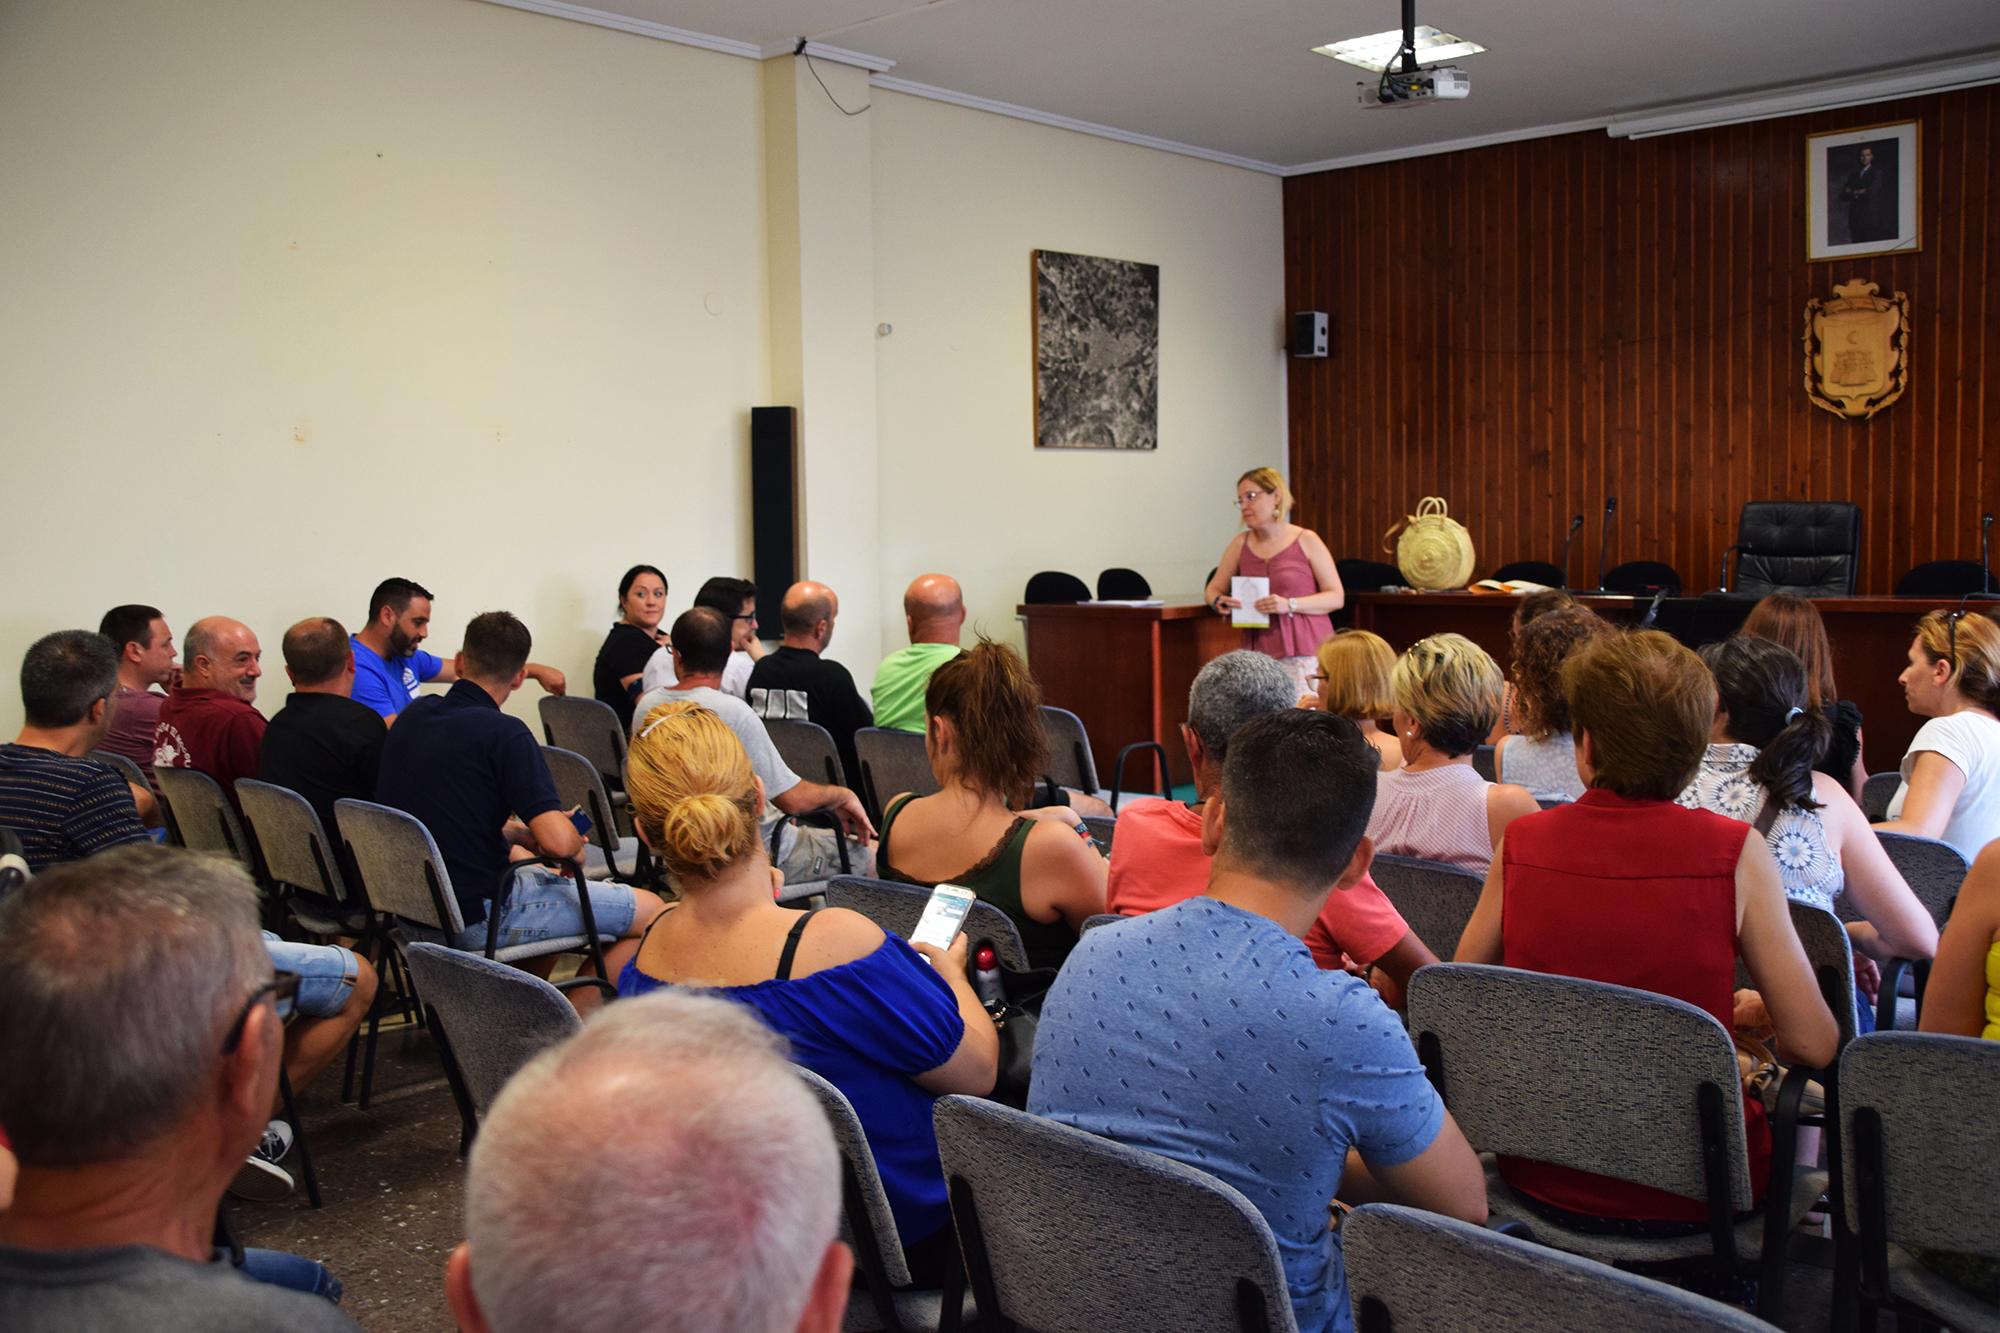 Les instàncies per a demanar les autoritzacions poden presentar-se des de hui i fins al 8 d'agost a l'Ajuntament